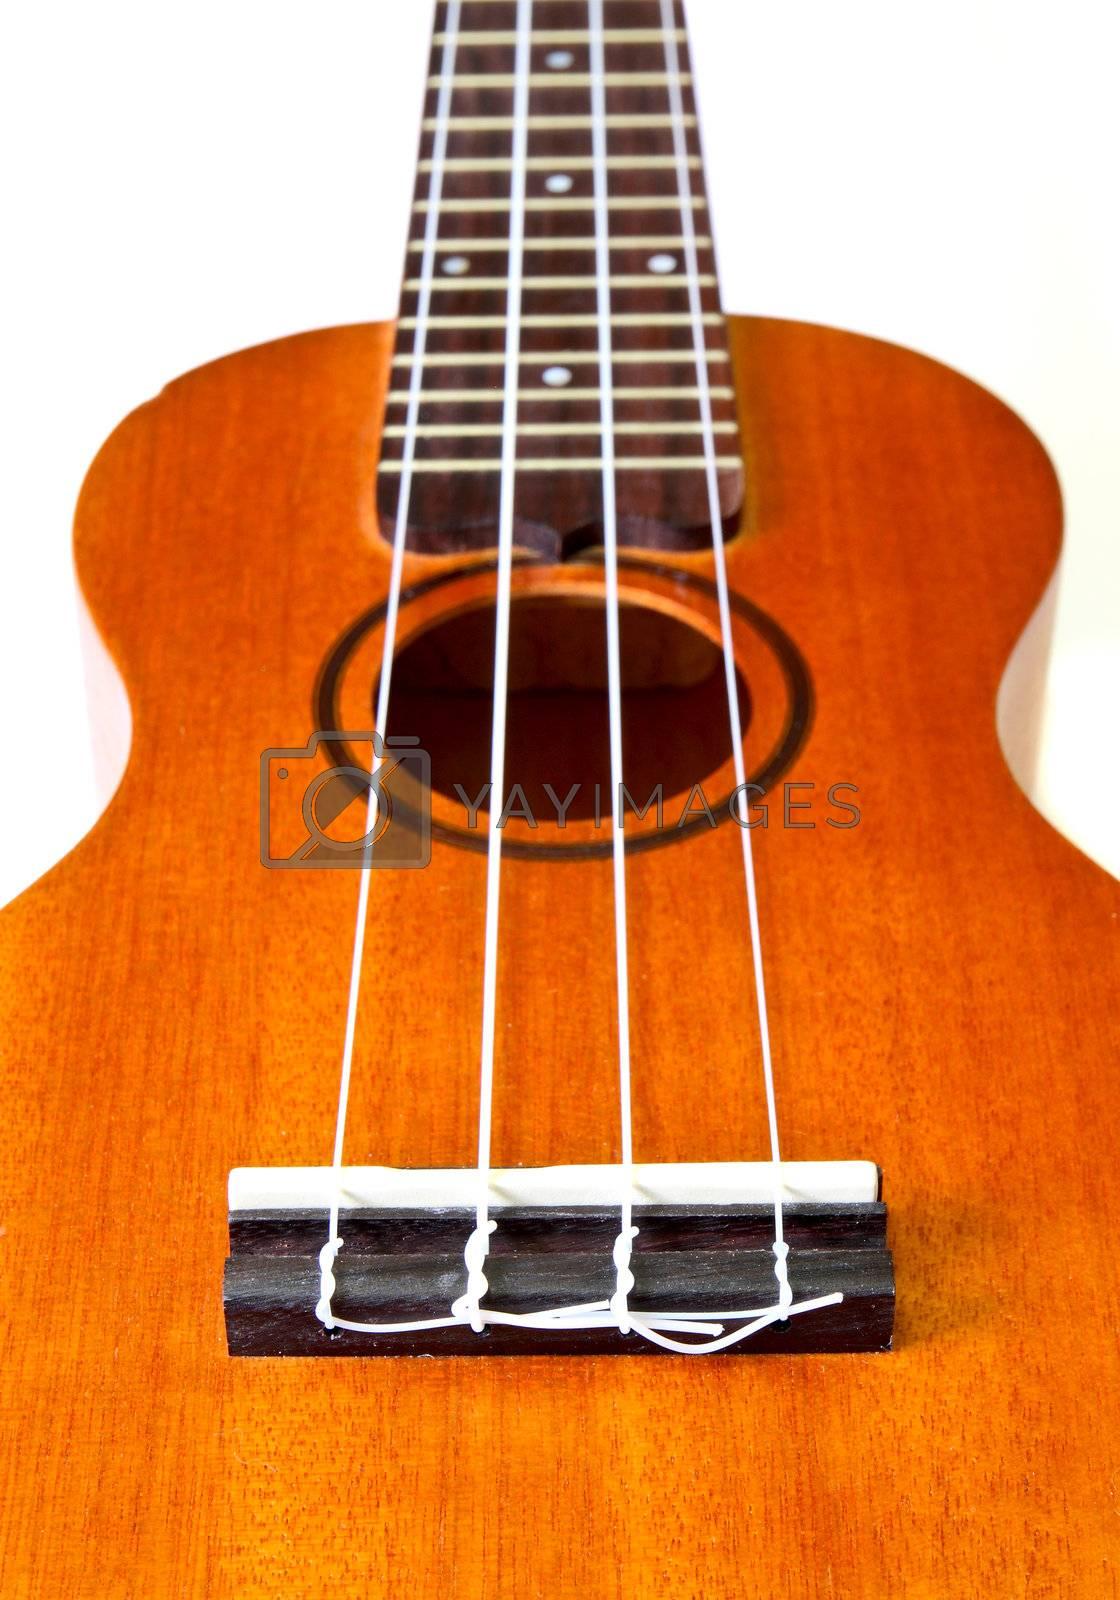 perspective of ukulele isolated on white background